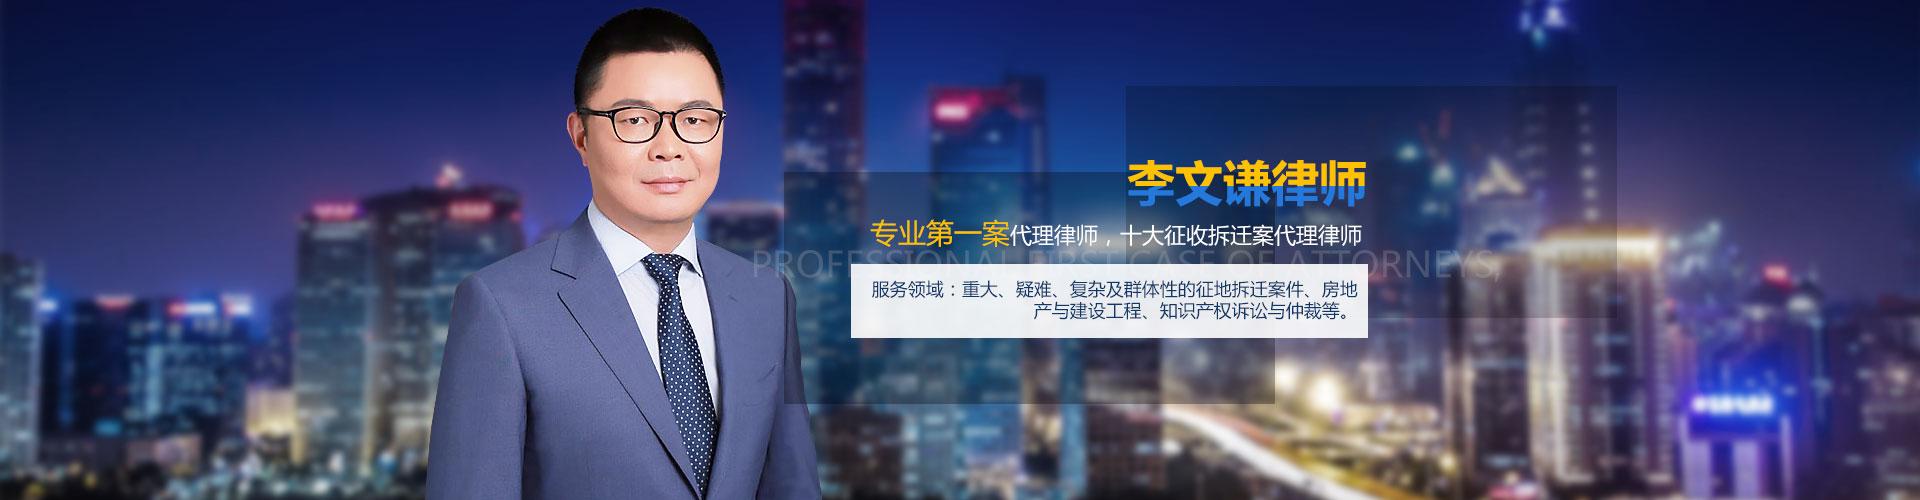 北京李文谦律师